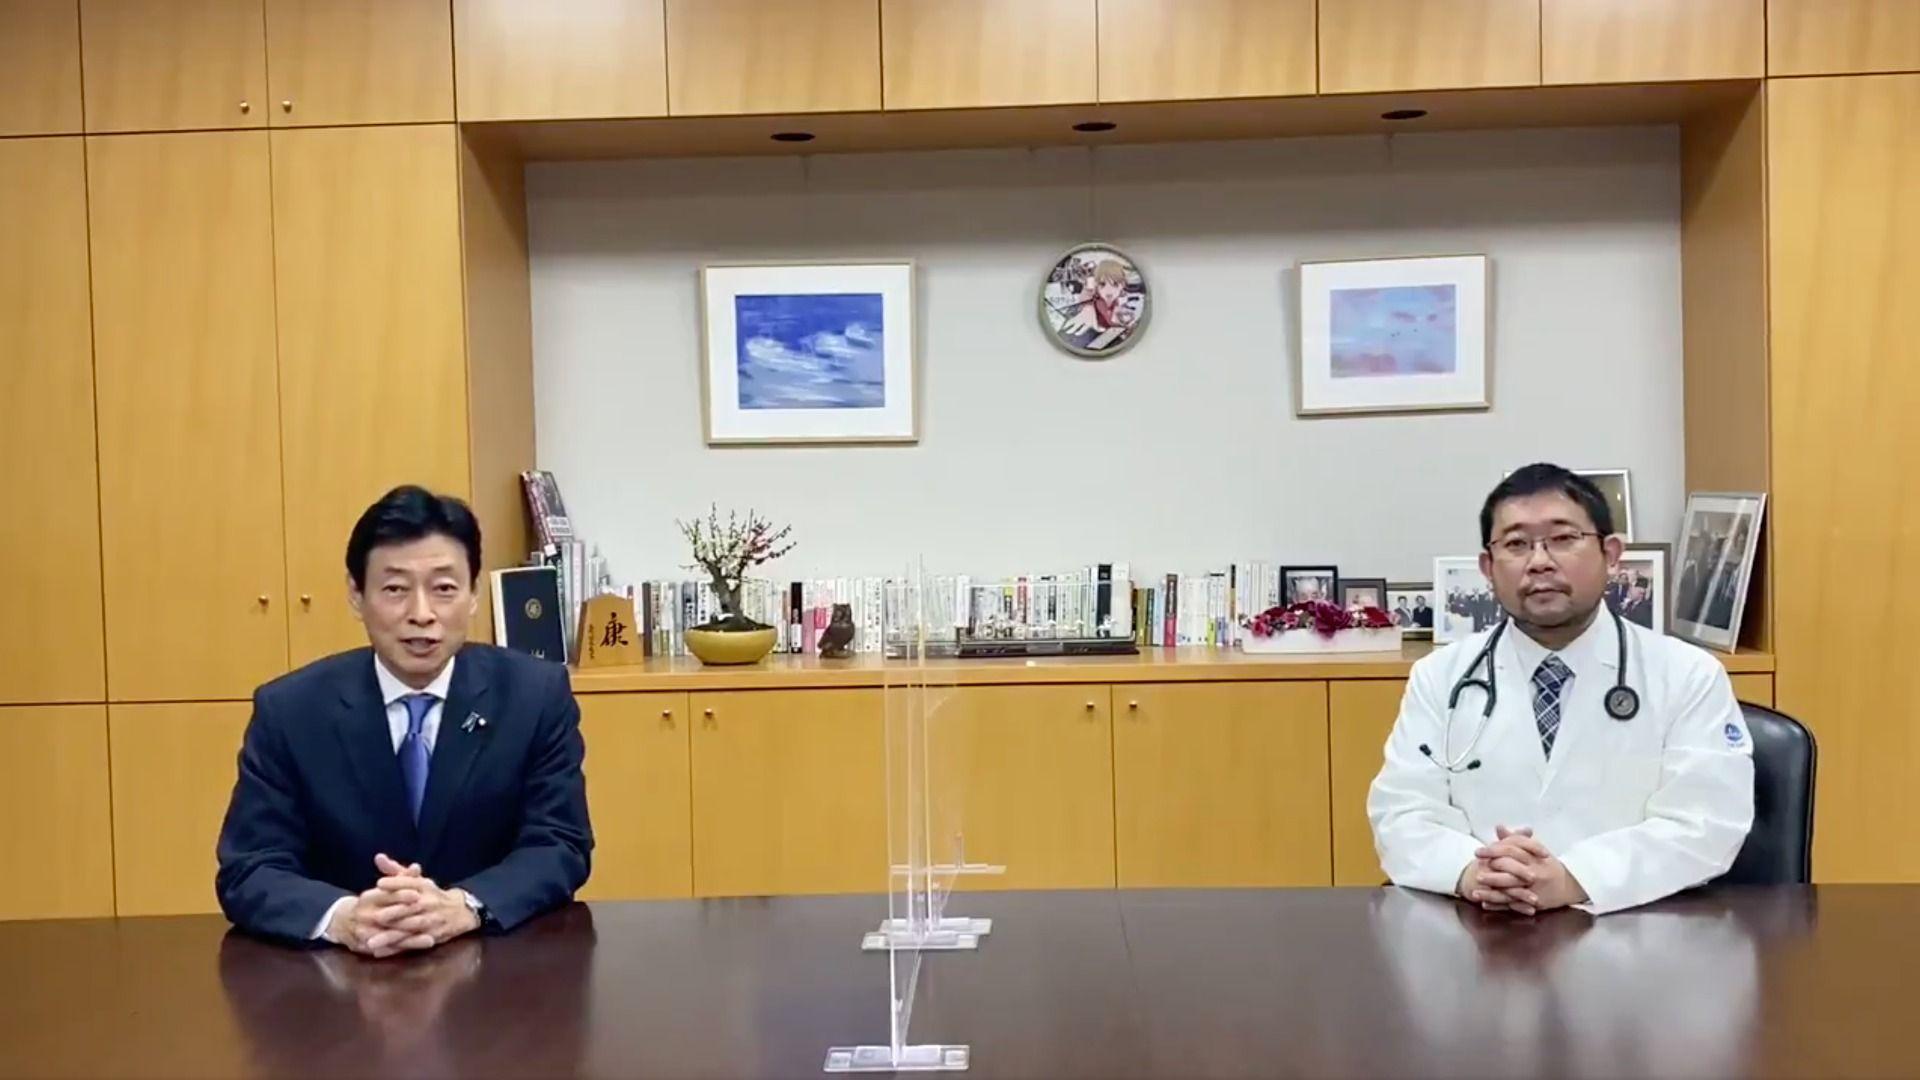 賢志 忽那 血栓症の副反応、変異株への効果低下 5月承認予定のアストラゼネカ社の新型コロナワクチン